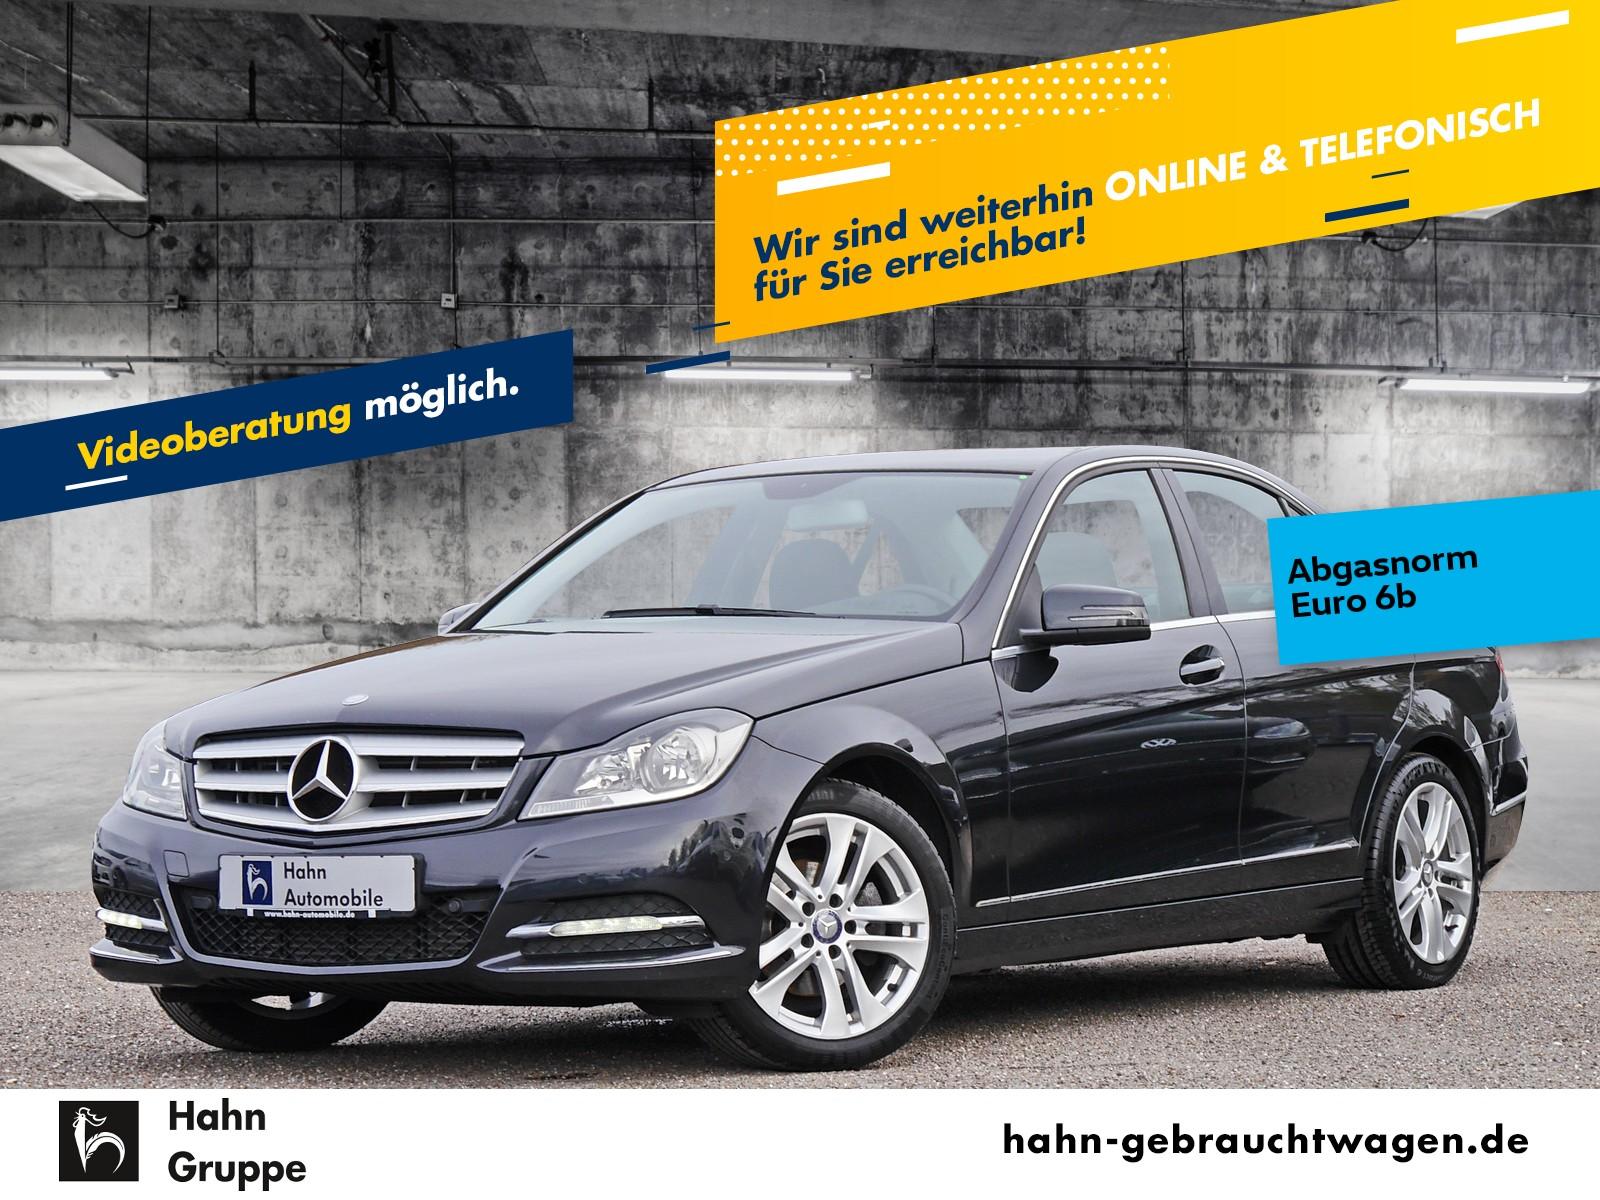 Mercedes-Benz C 180 C-Klasse C 180 CGI BlueEfficiency Automatik Navi PDC SHZ, Jahr 2013, Benzin